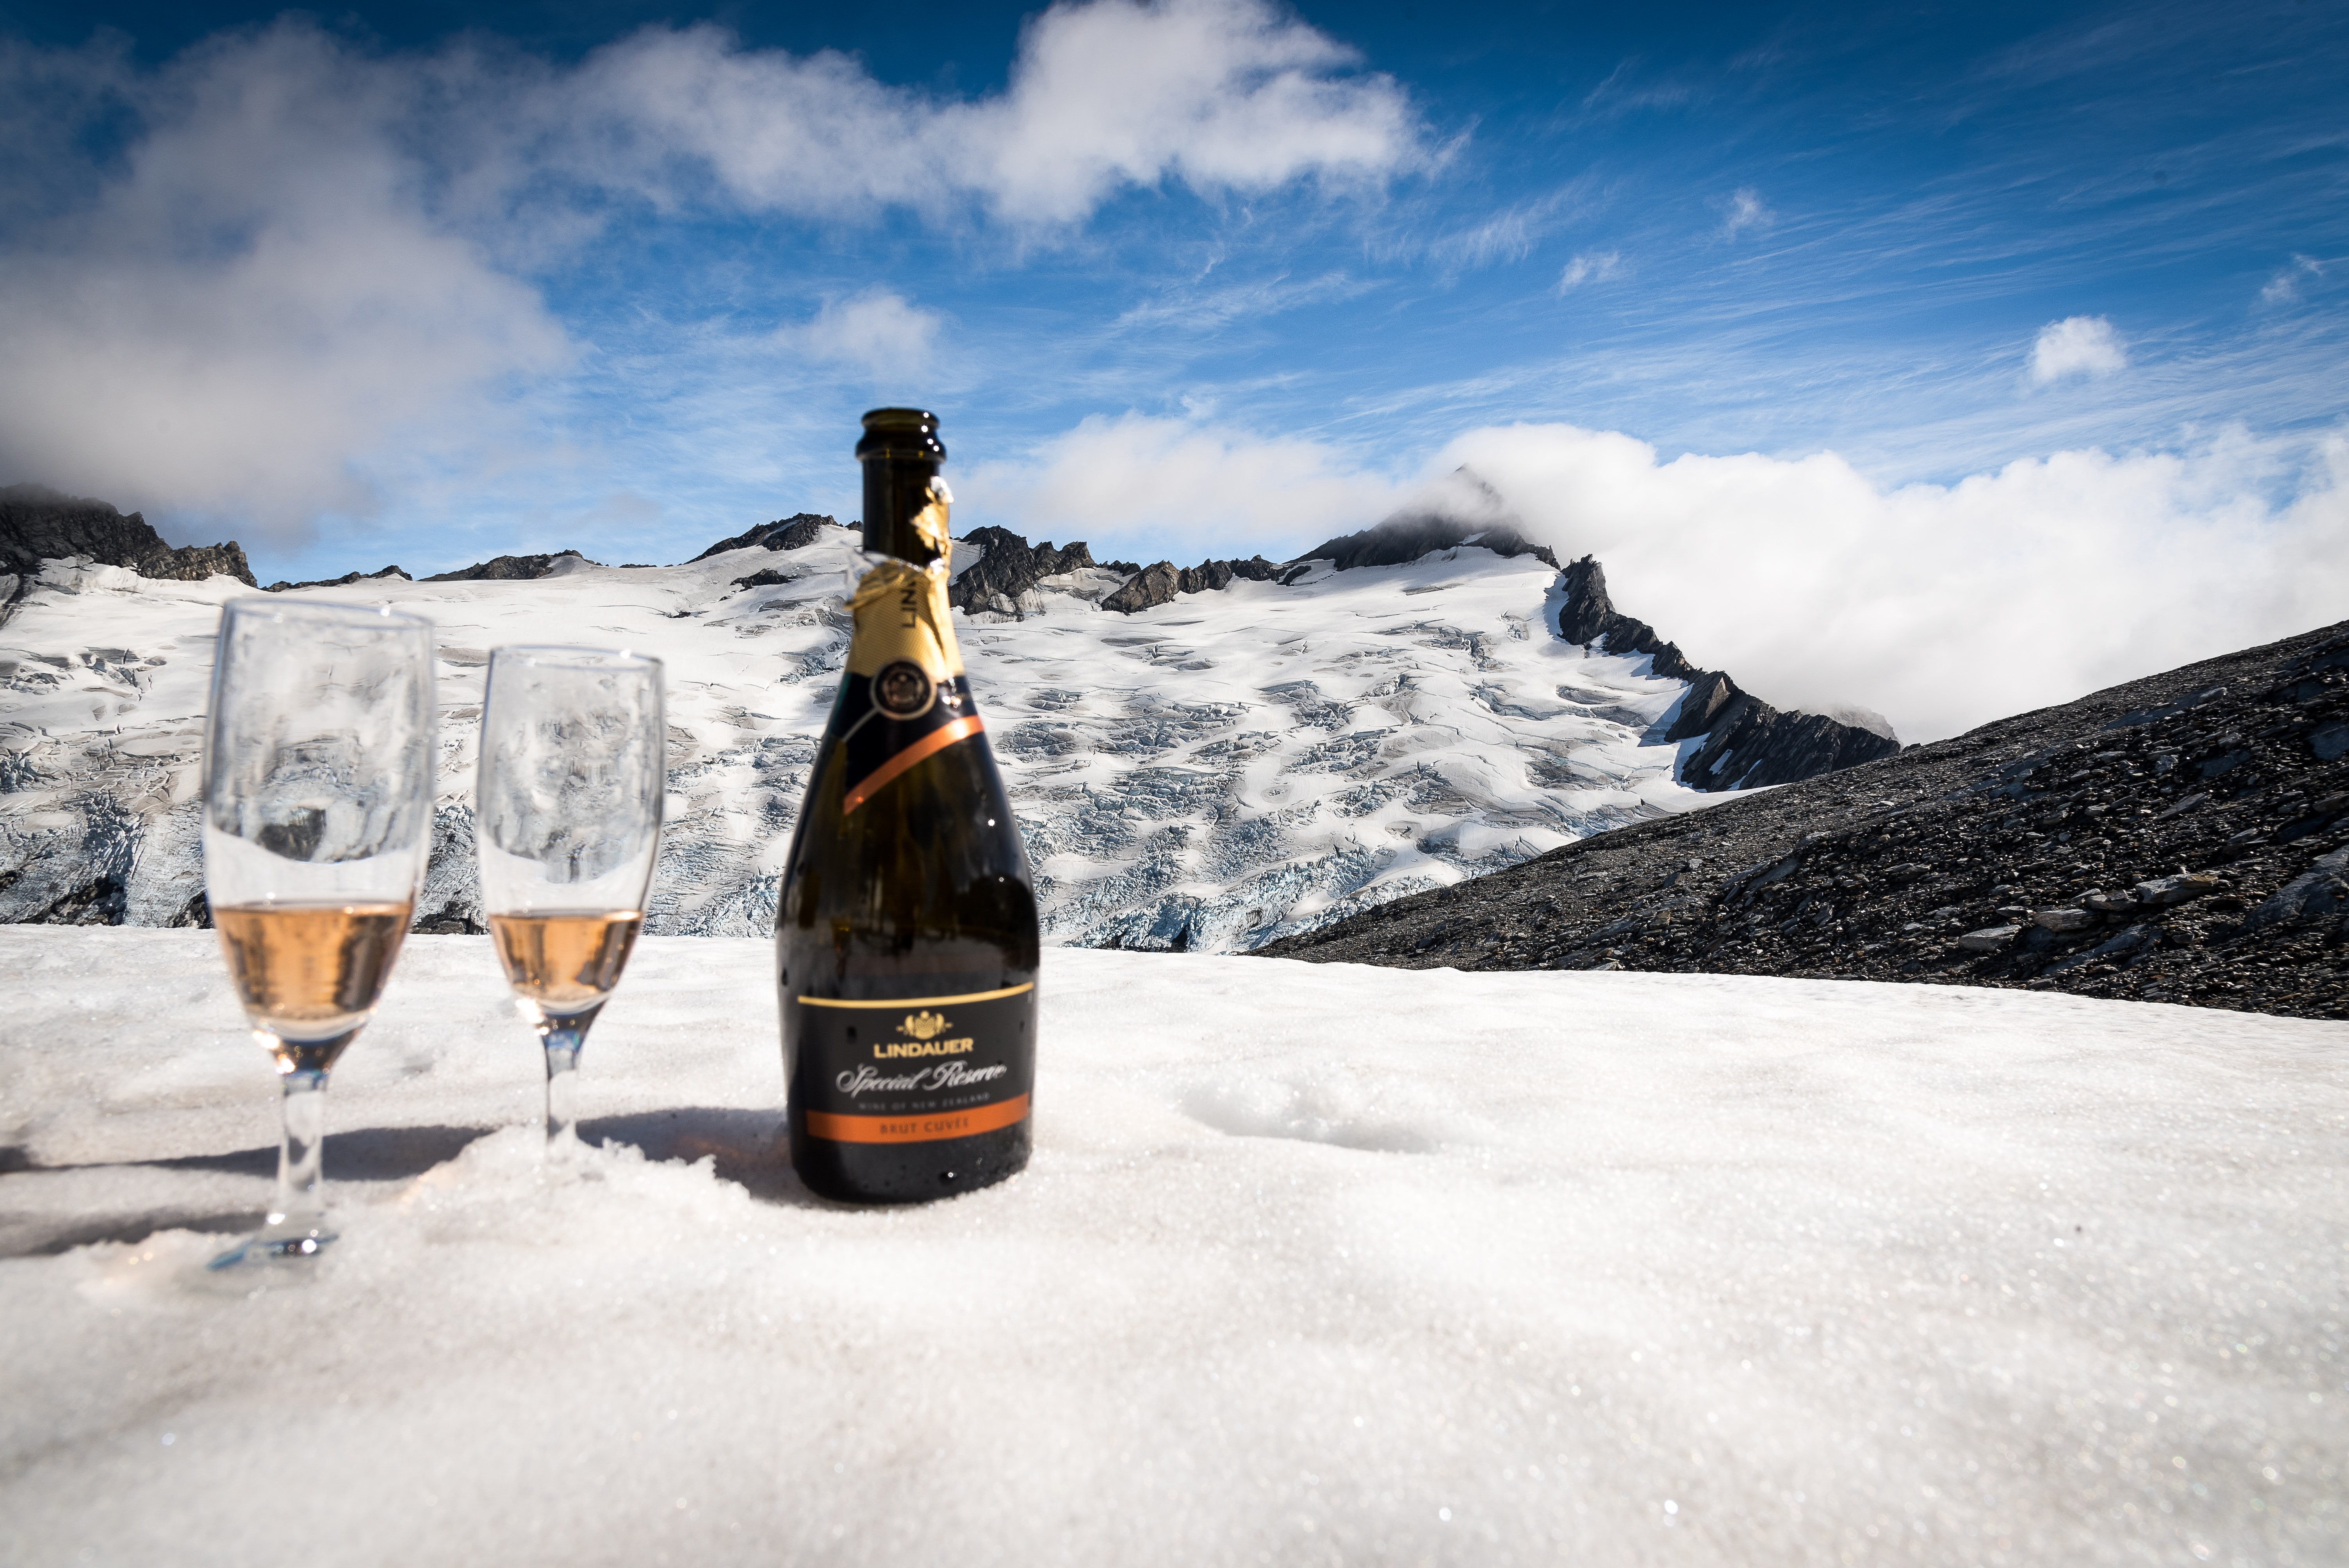 two wine glasses beside wine bottle on snowy surface